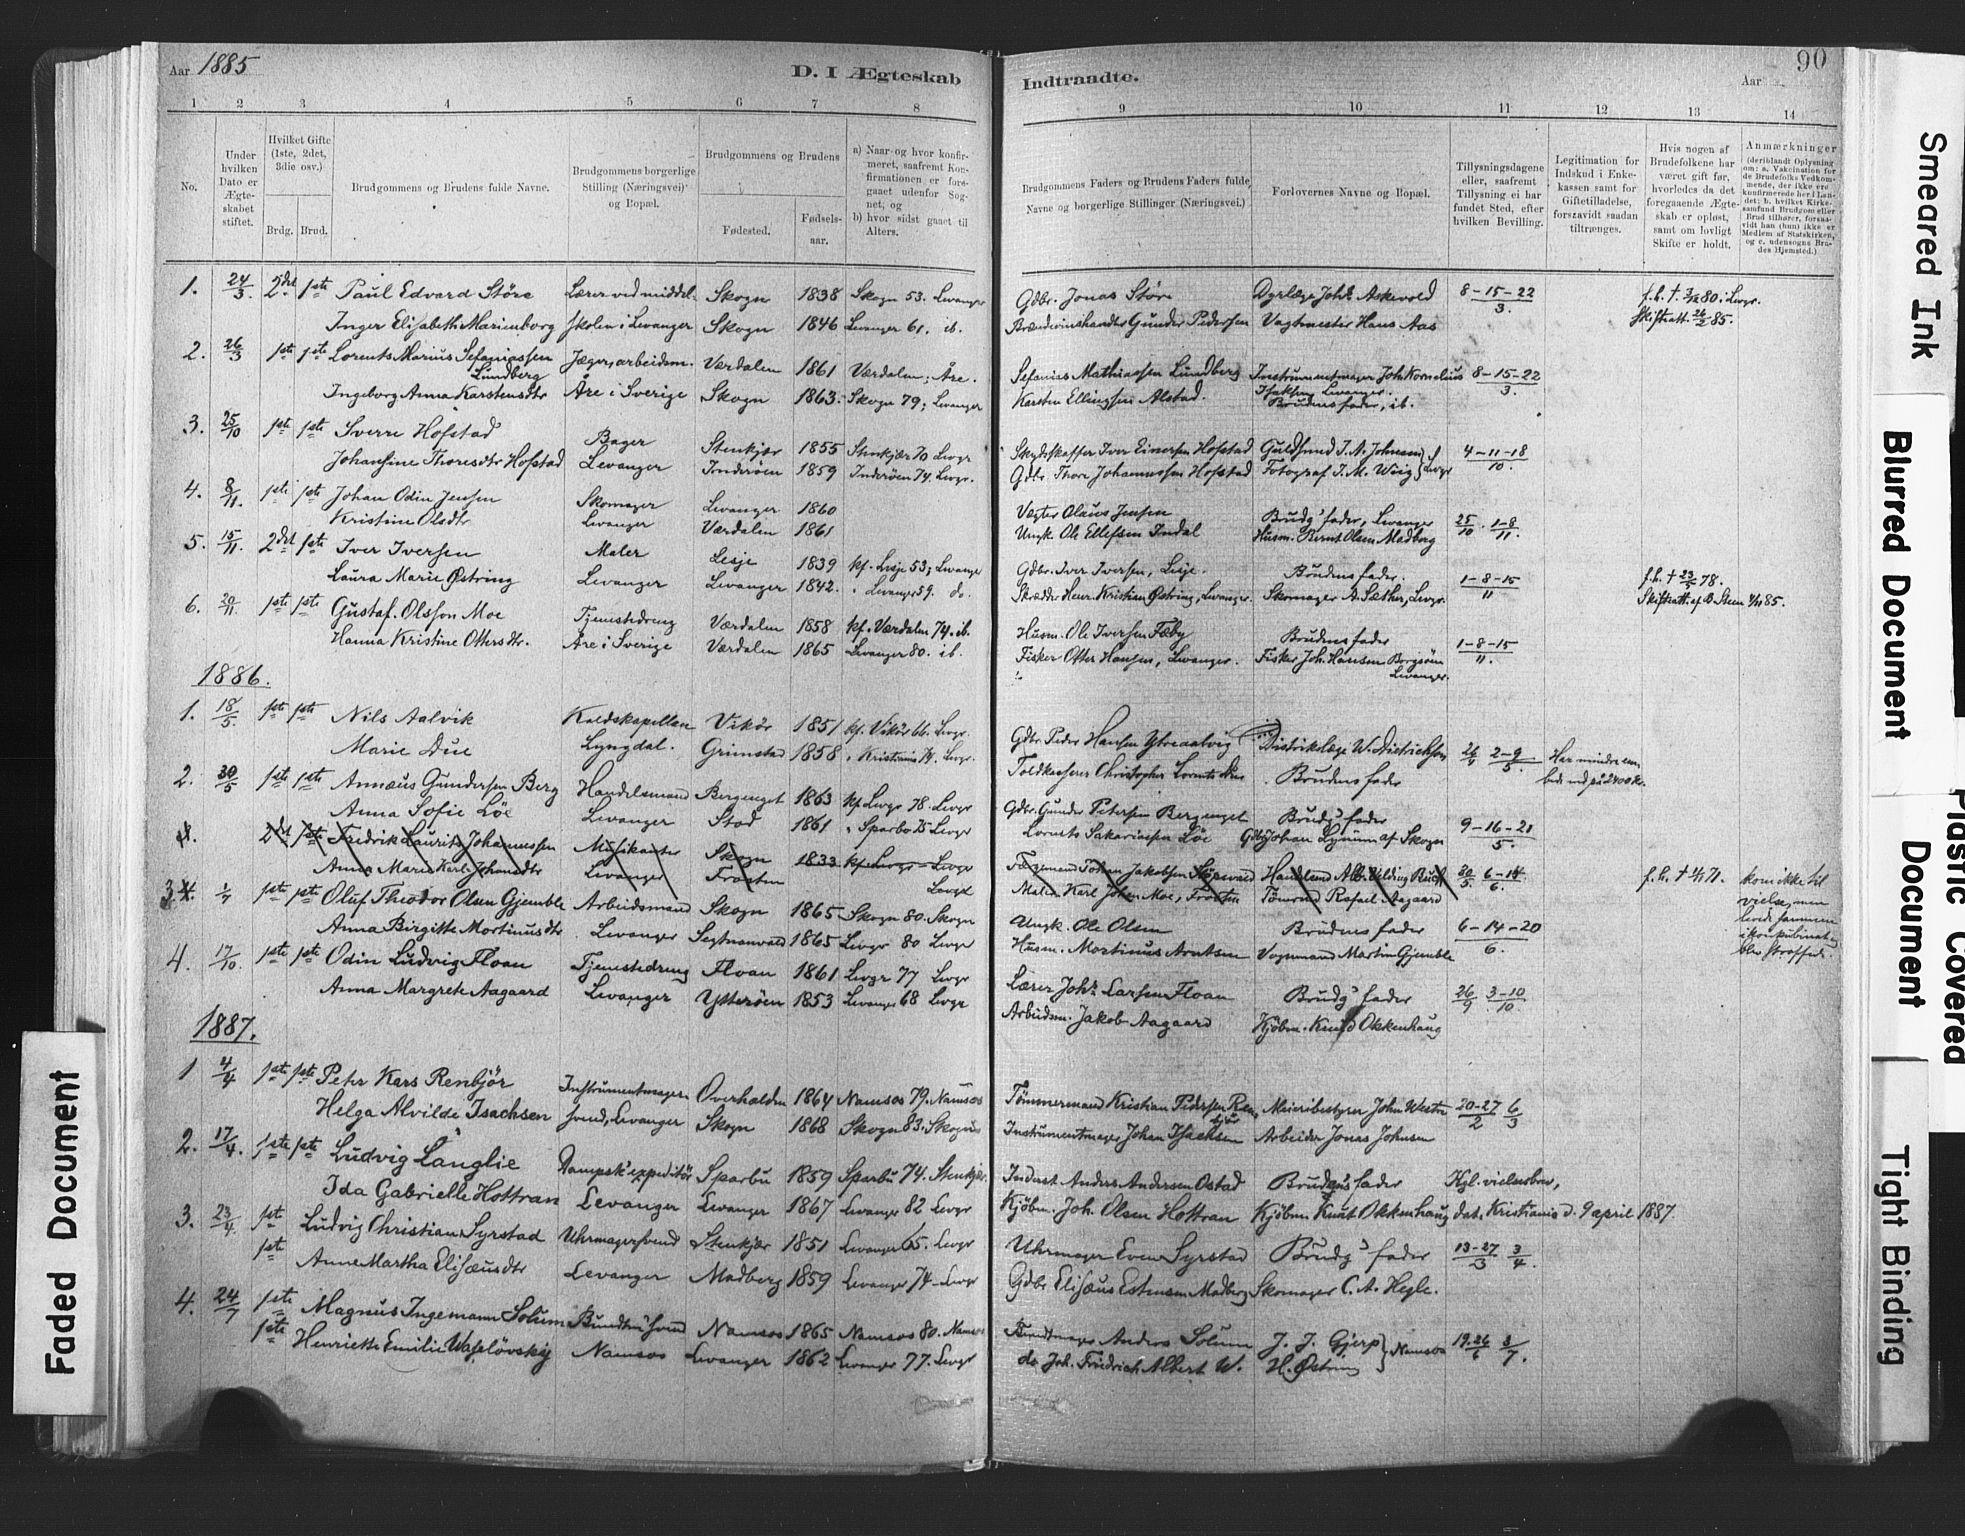 SAT, Ministerialprotokoller, klokkerbøker og fødselsregistre - Nord-Trøndelag, 720/L0189: Ministerialbok nr. 720A05, 1880-1911, s. 90